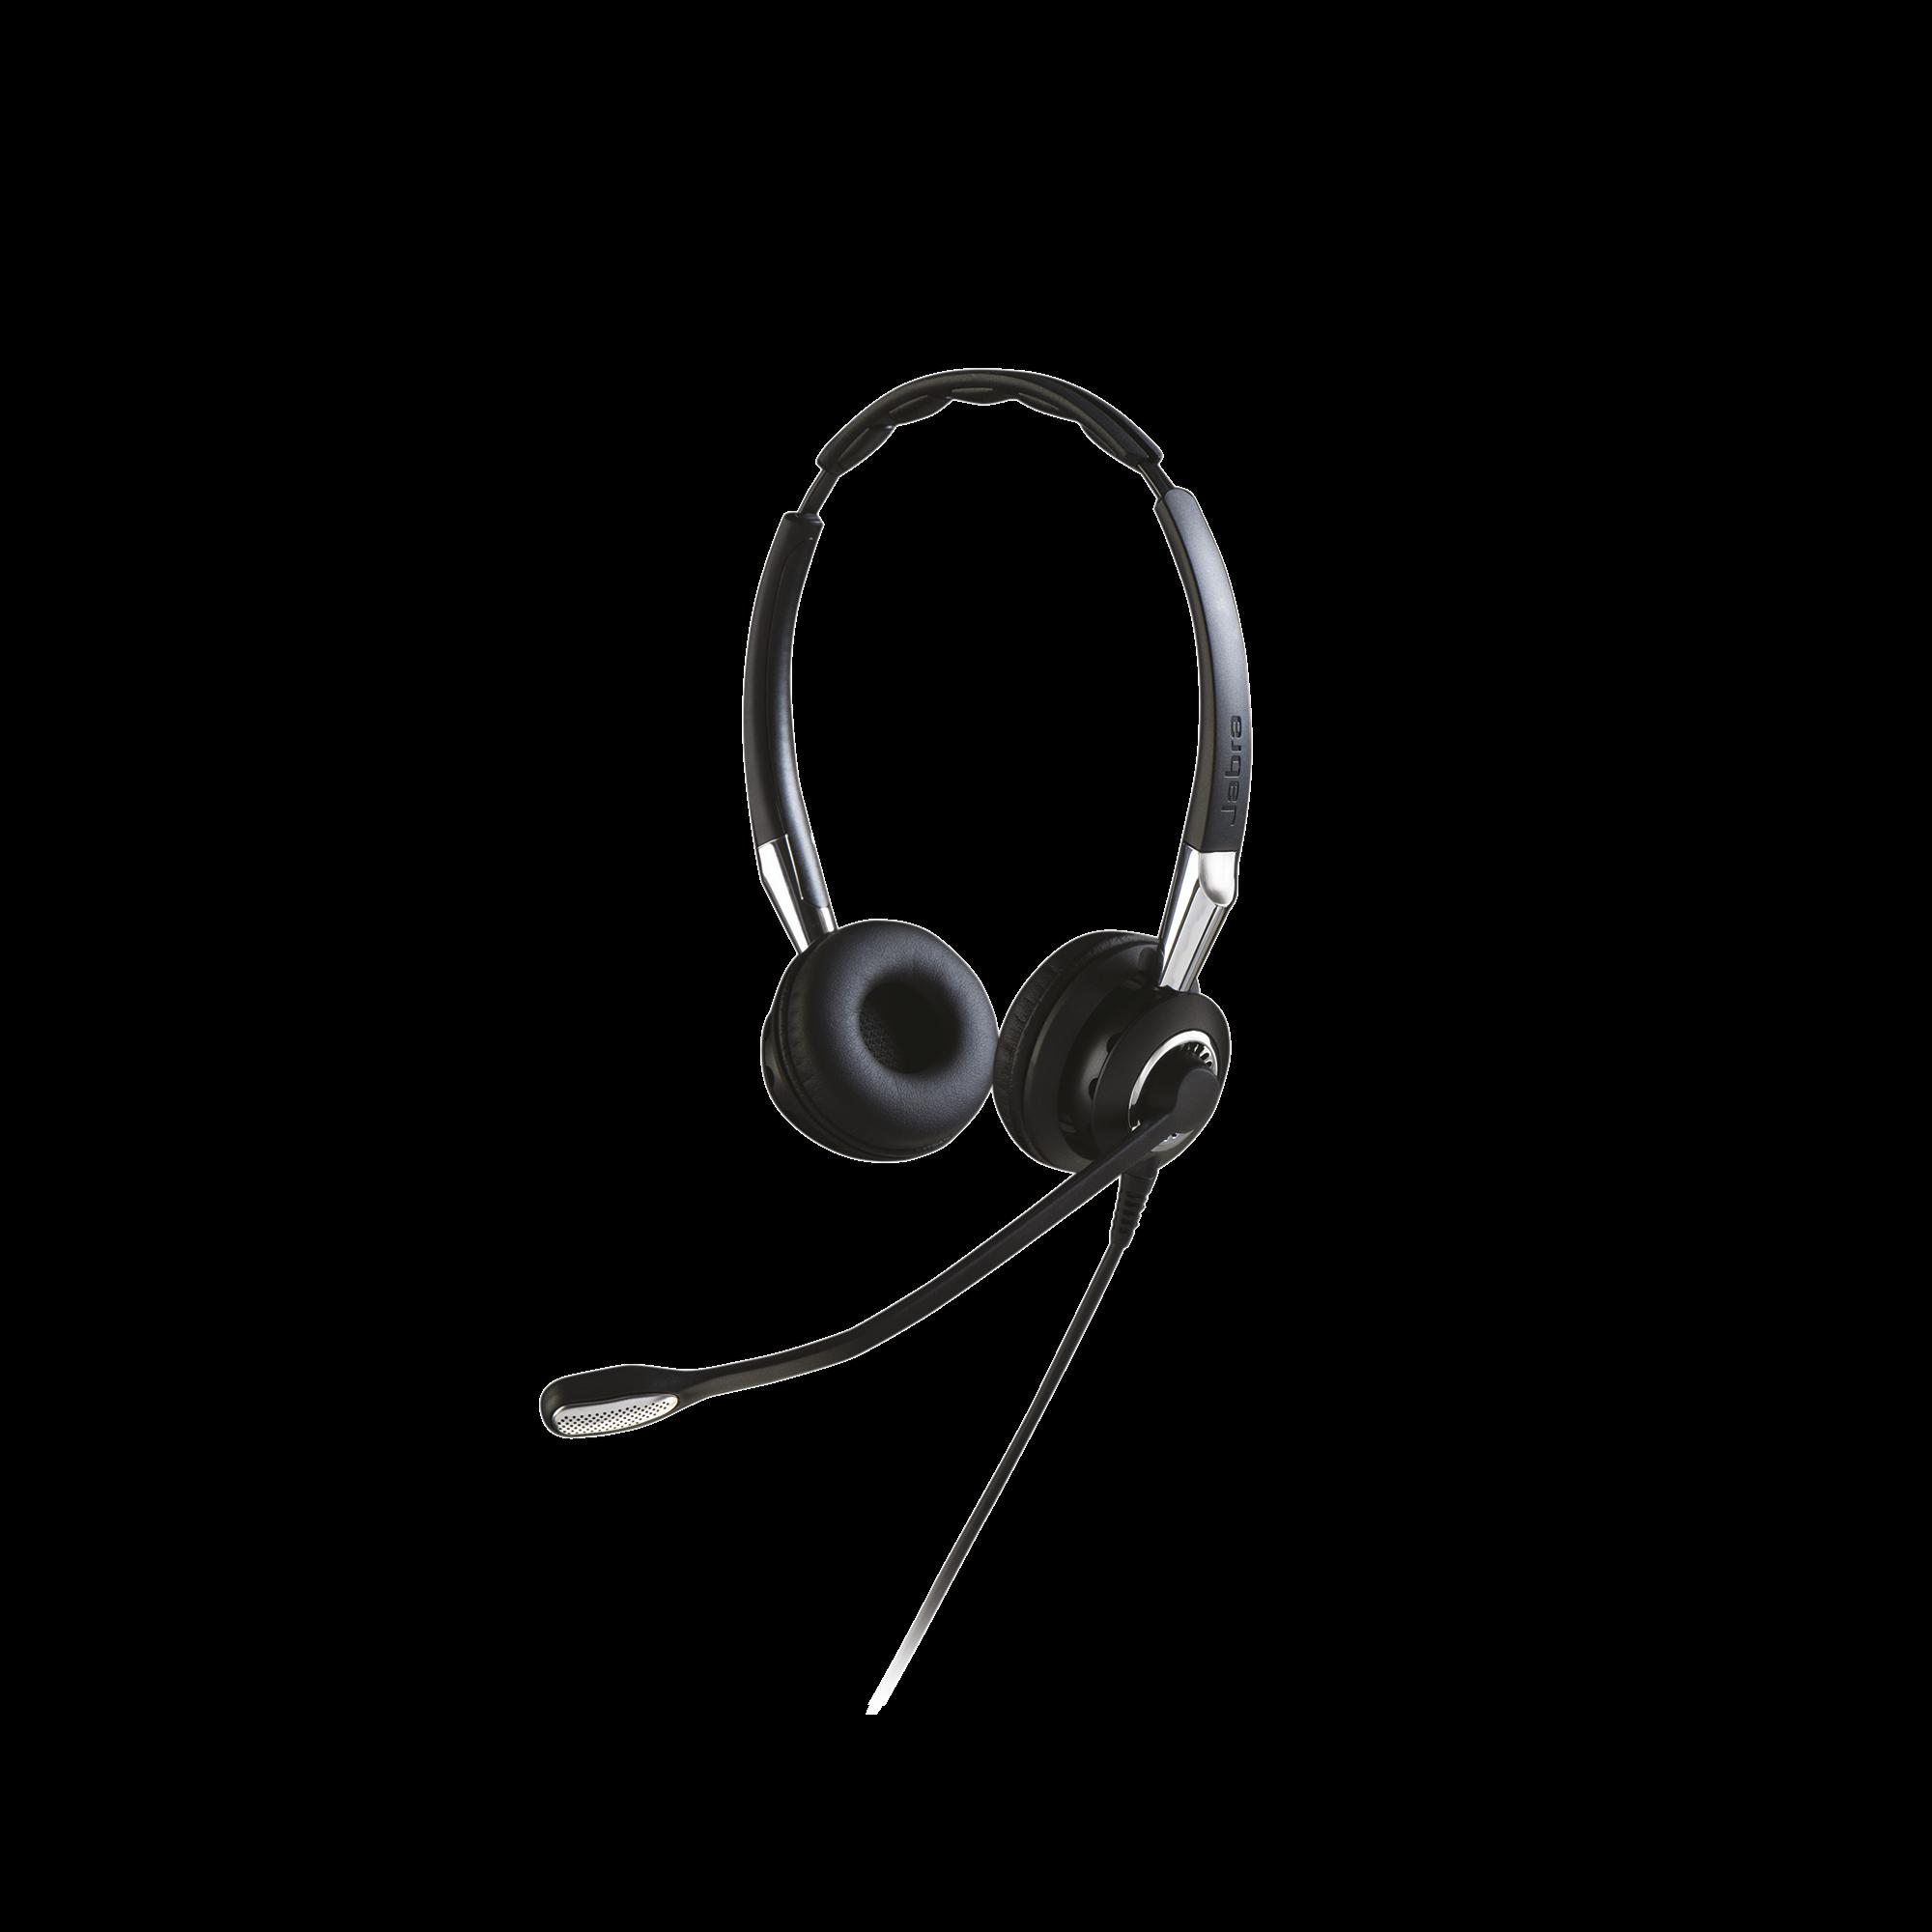 BIZ 2400 Duo auricular de gran rendimiento para contact center con conexión QD (2409-820-205)